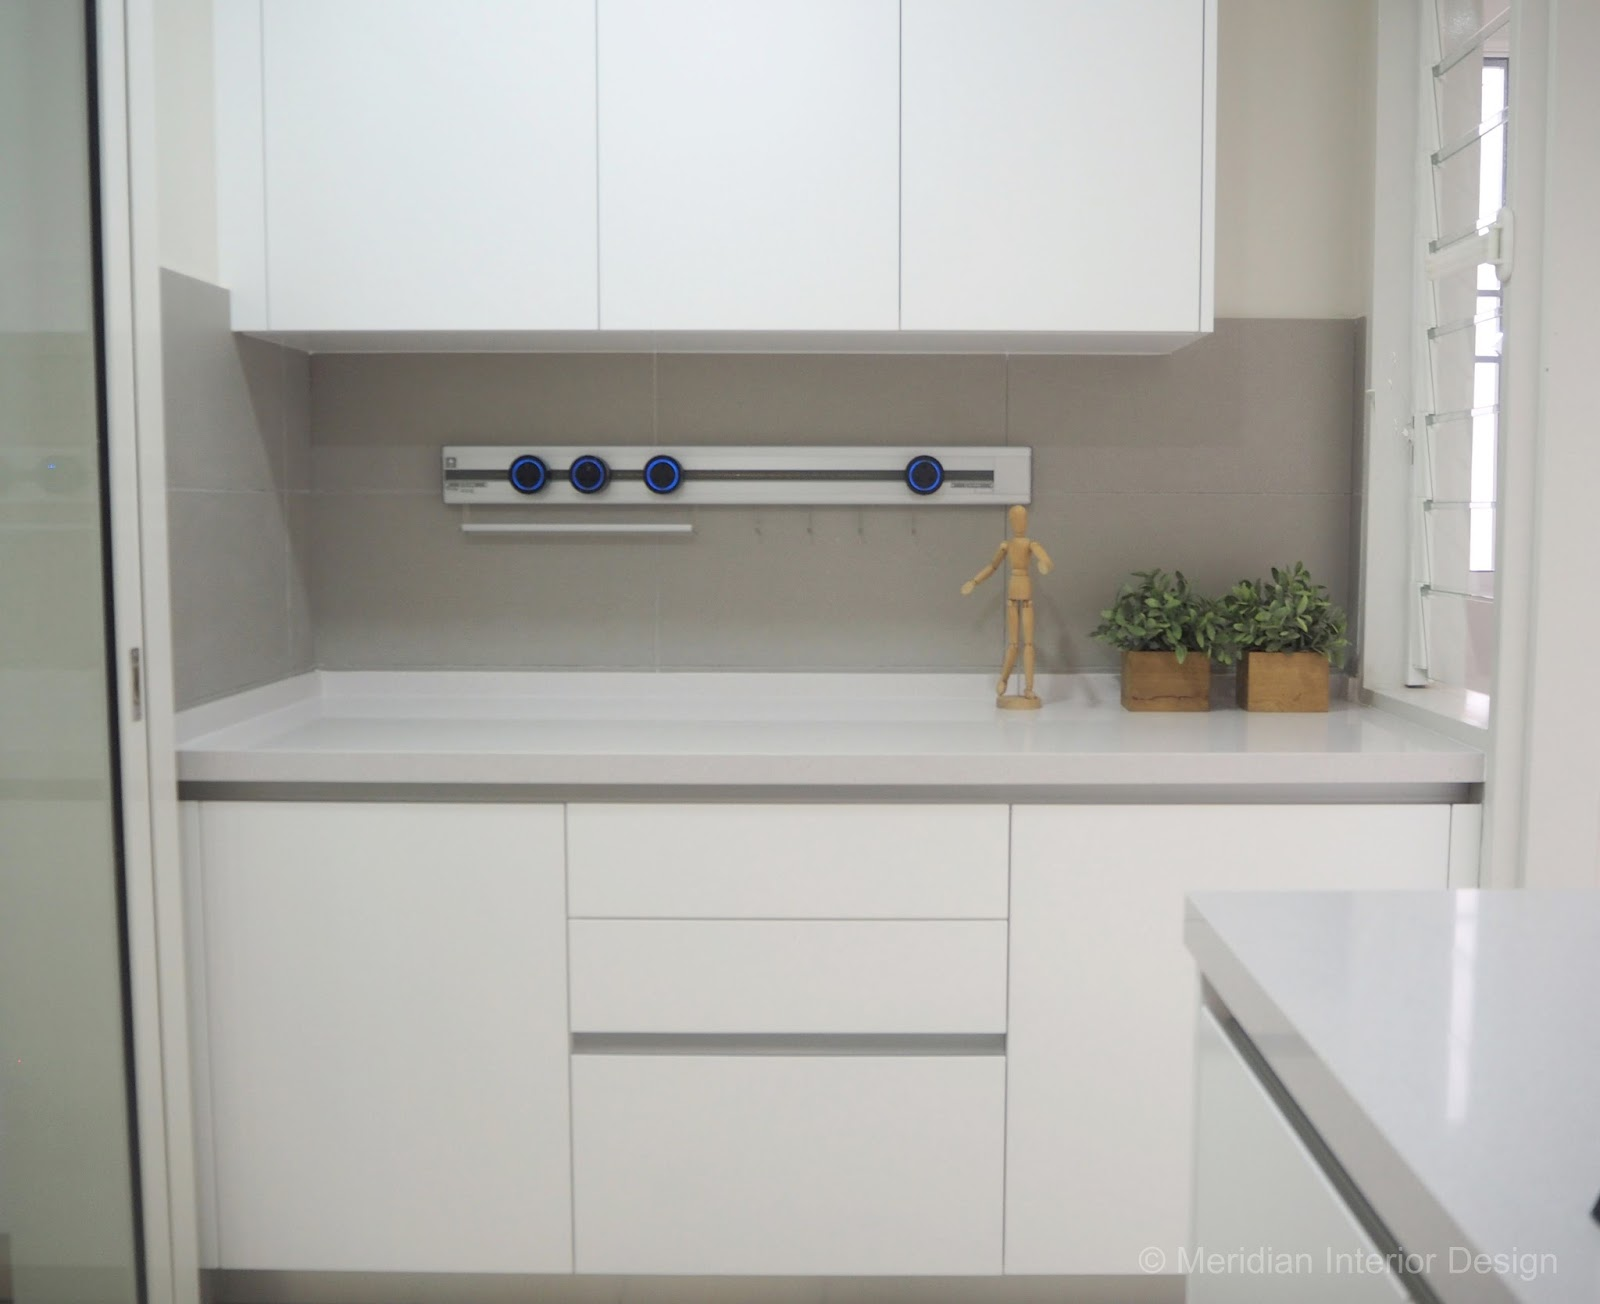 Countertop Dishwasher Malaysia : ... Design and Kitchen Design, in Kuala Lumpur, Selangor, Malaysia